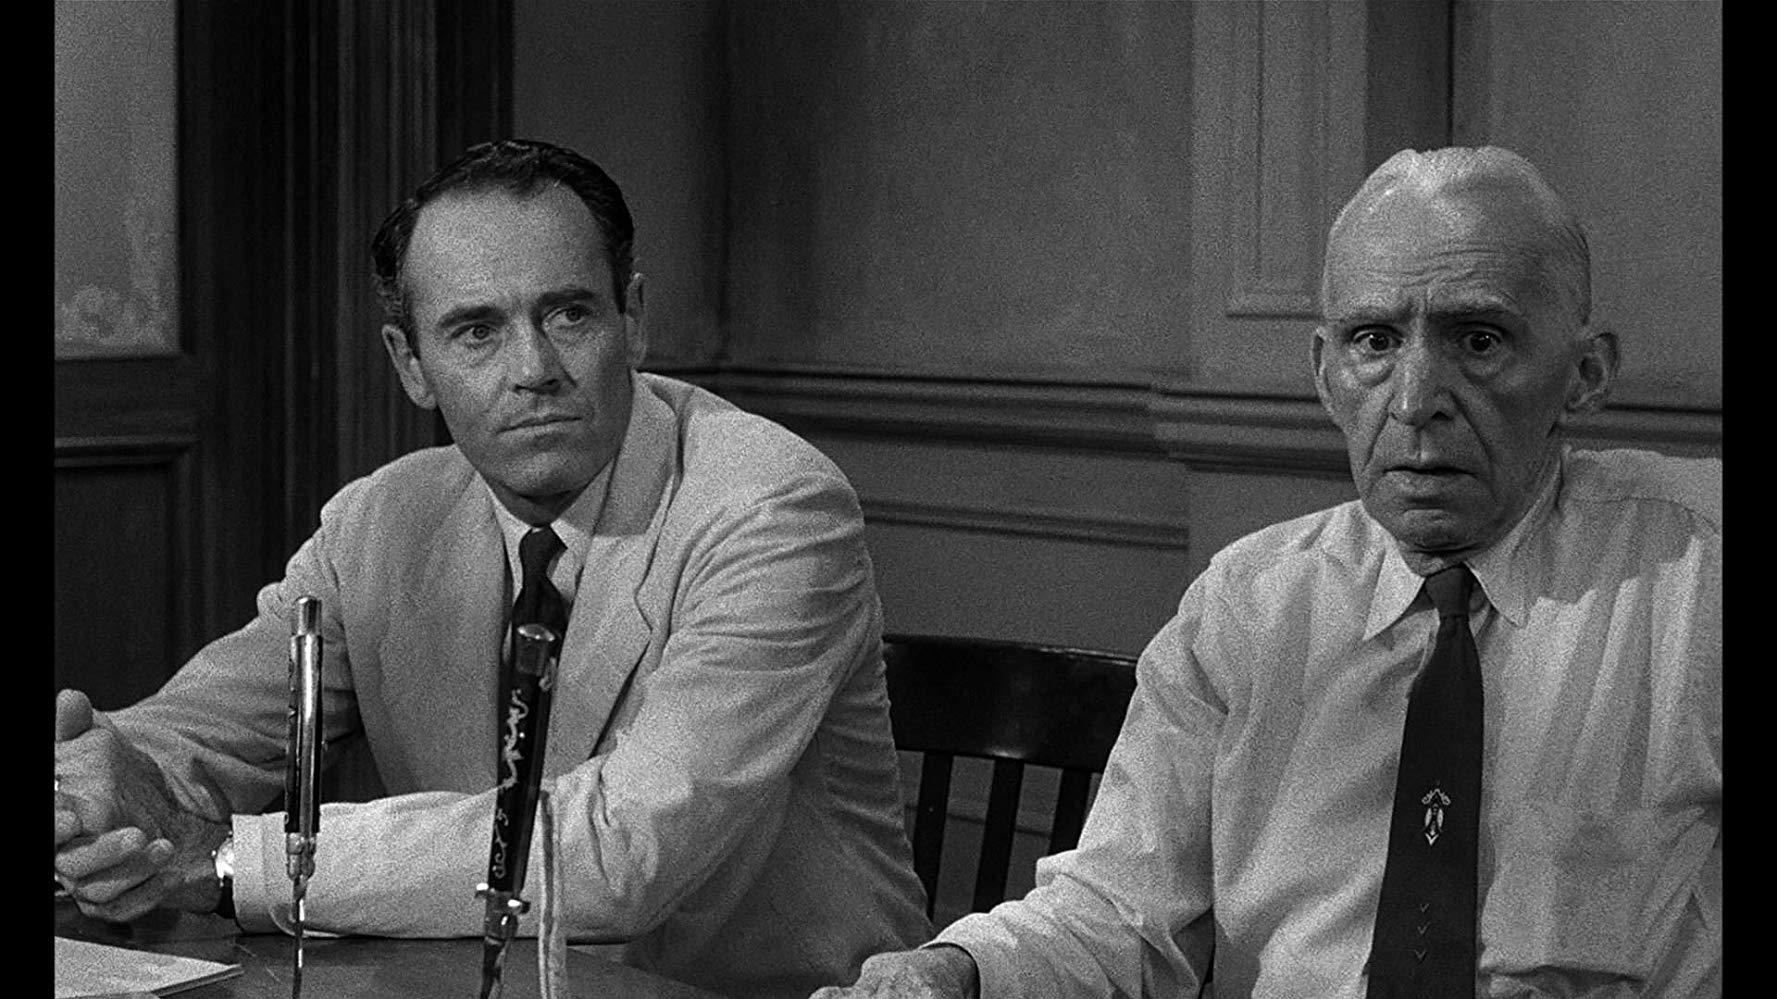 【解説】ヘンリー・フォンダ演じる陪審員8番の熱意が素晴らしい